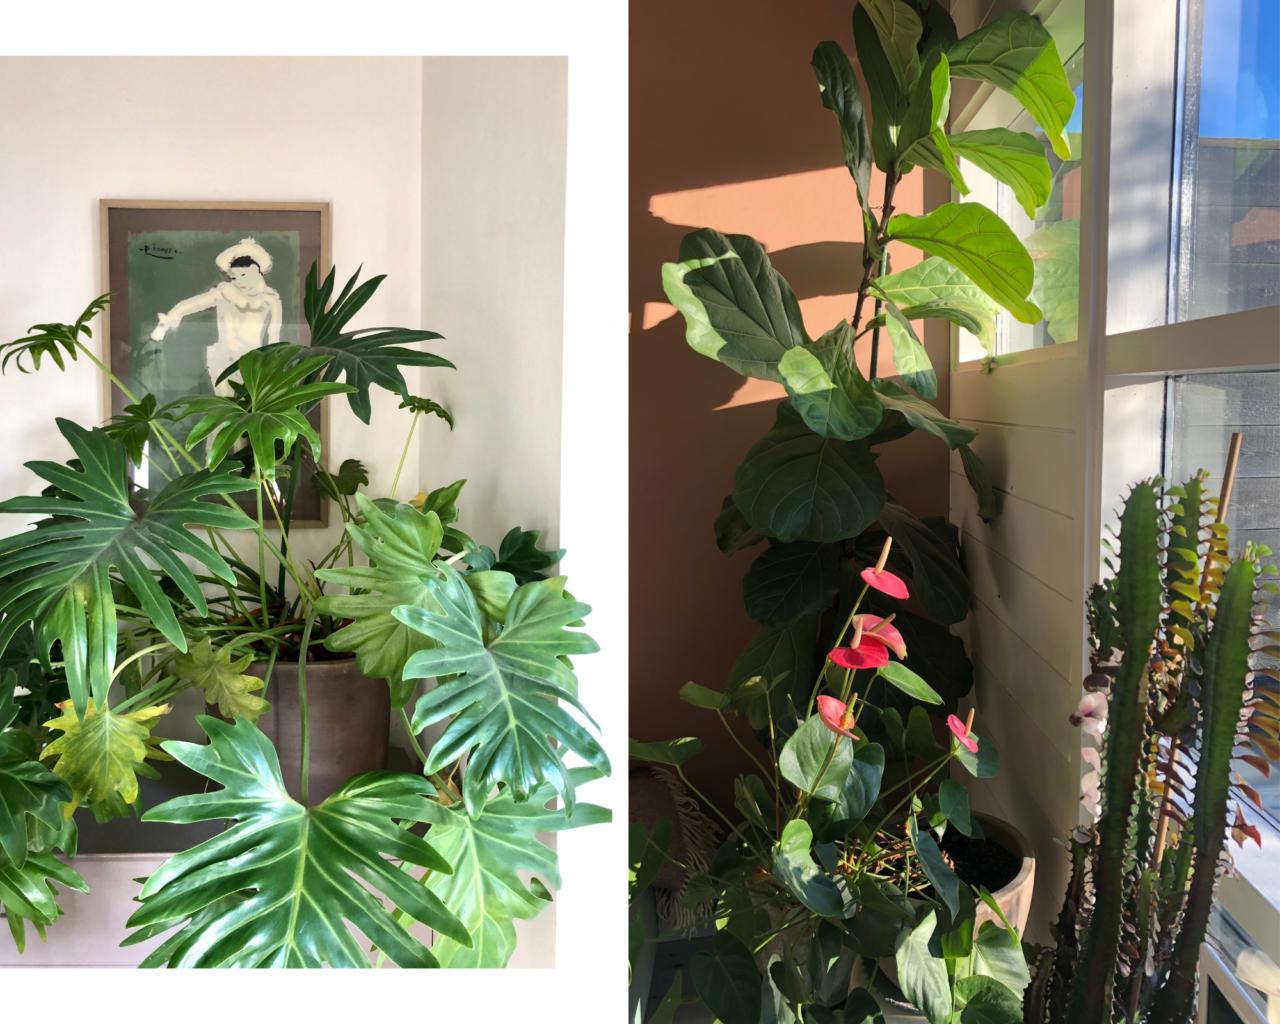 picasso-plante-fiolin-fiken-lilje-kaktus